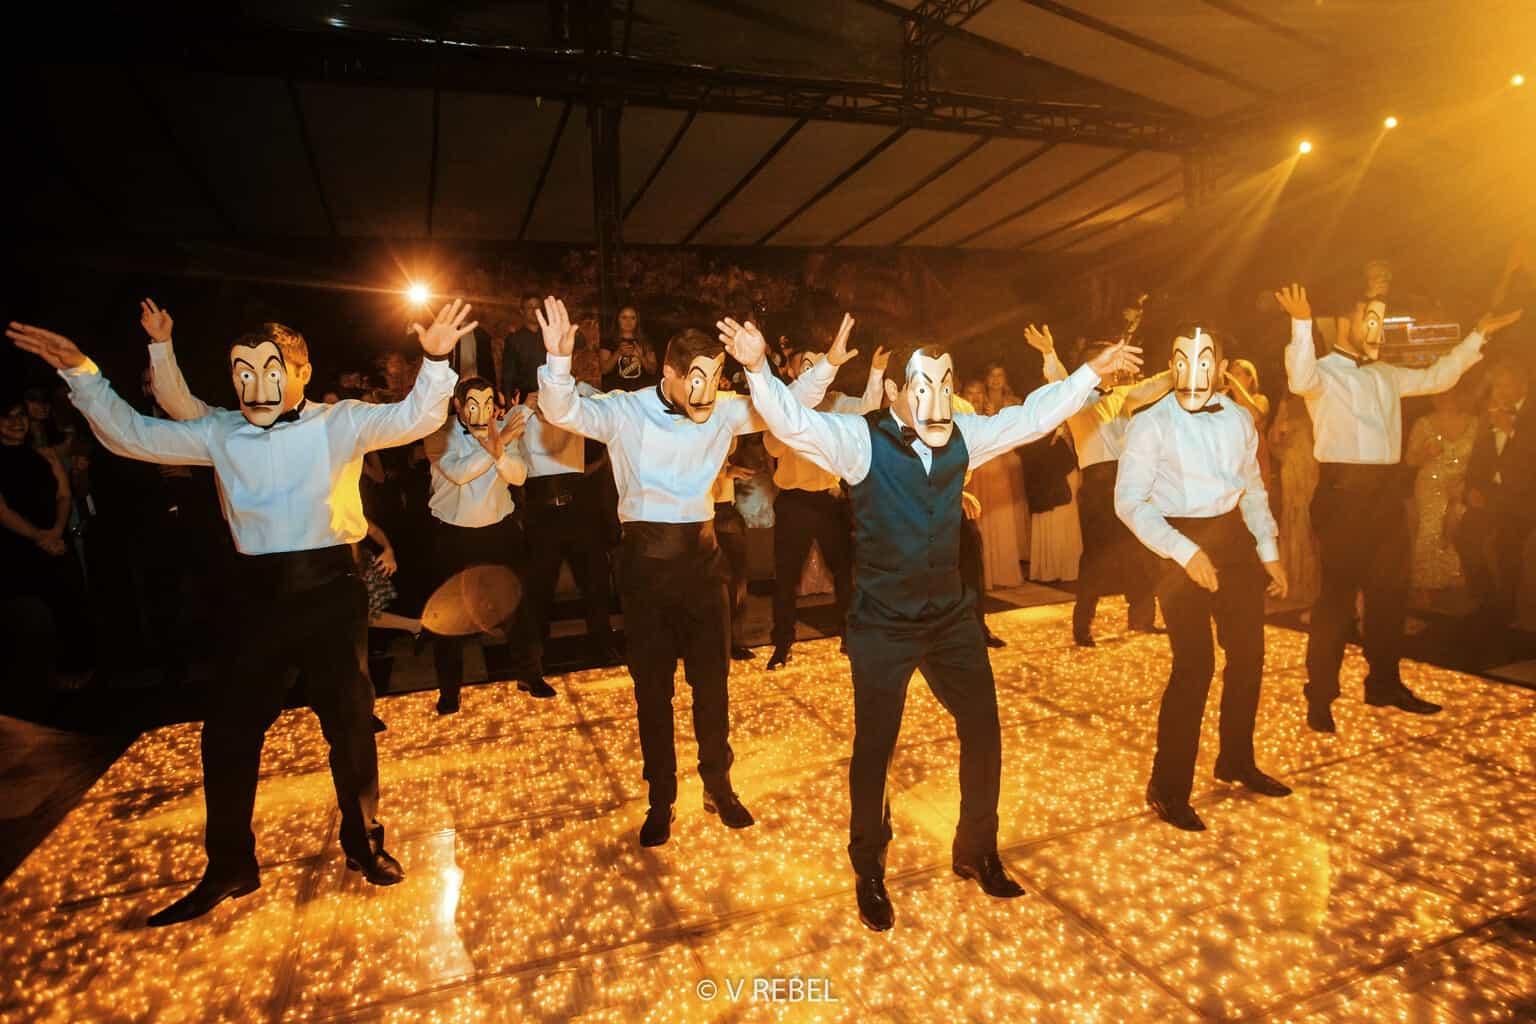 casamento-Caroline-e-Breno-casamento-clássico-coreografia-fotografia-VRebel-pista92